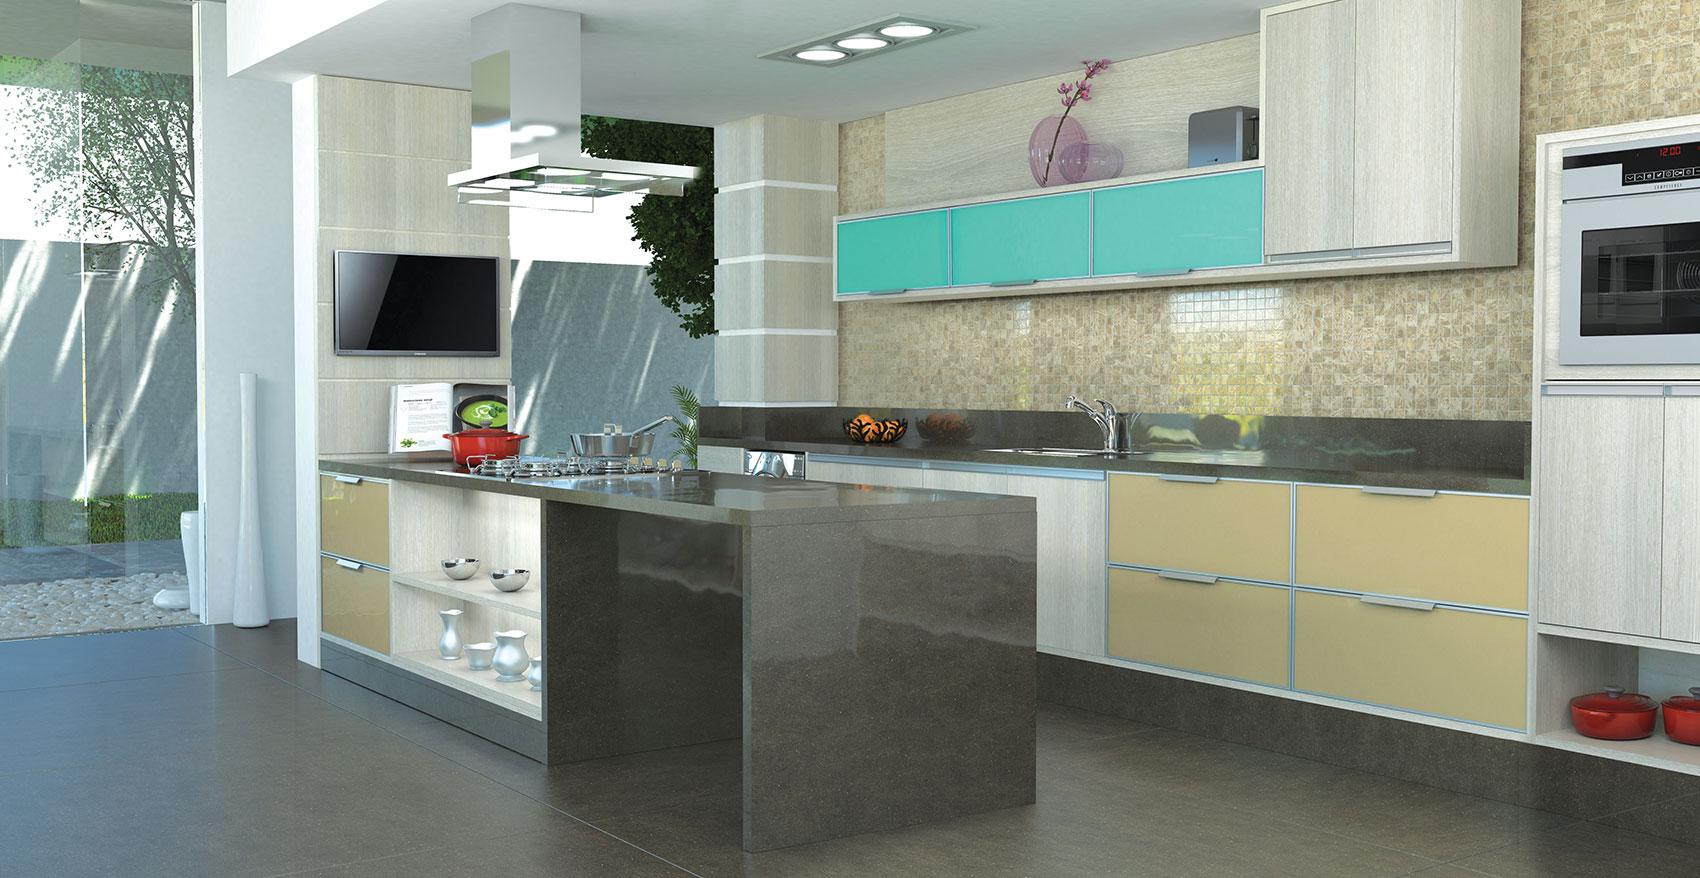 Cozinha Com Armários Nas Cores Branco Com Marrom Pictures to pin on  #693F36 1700 878